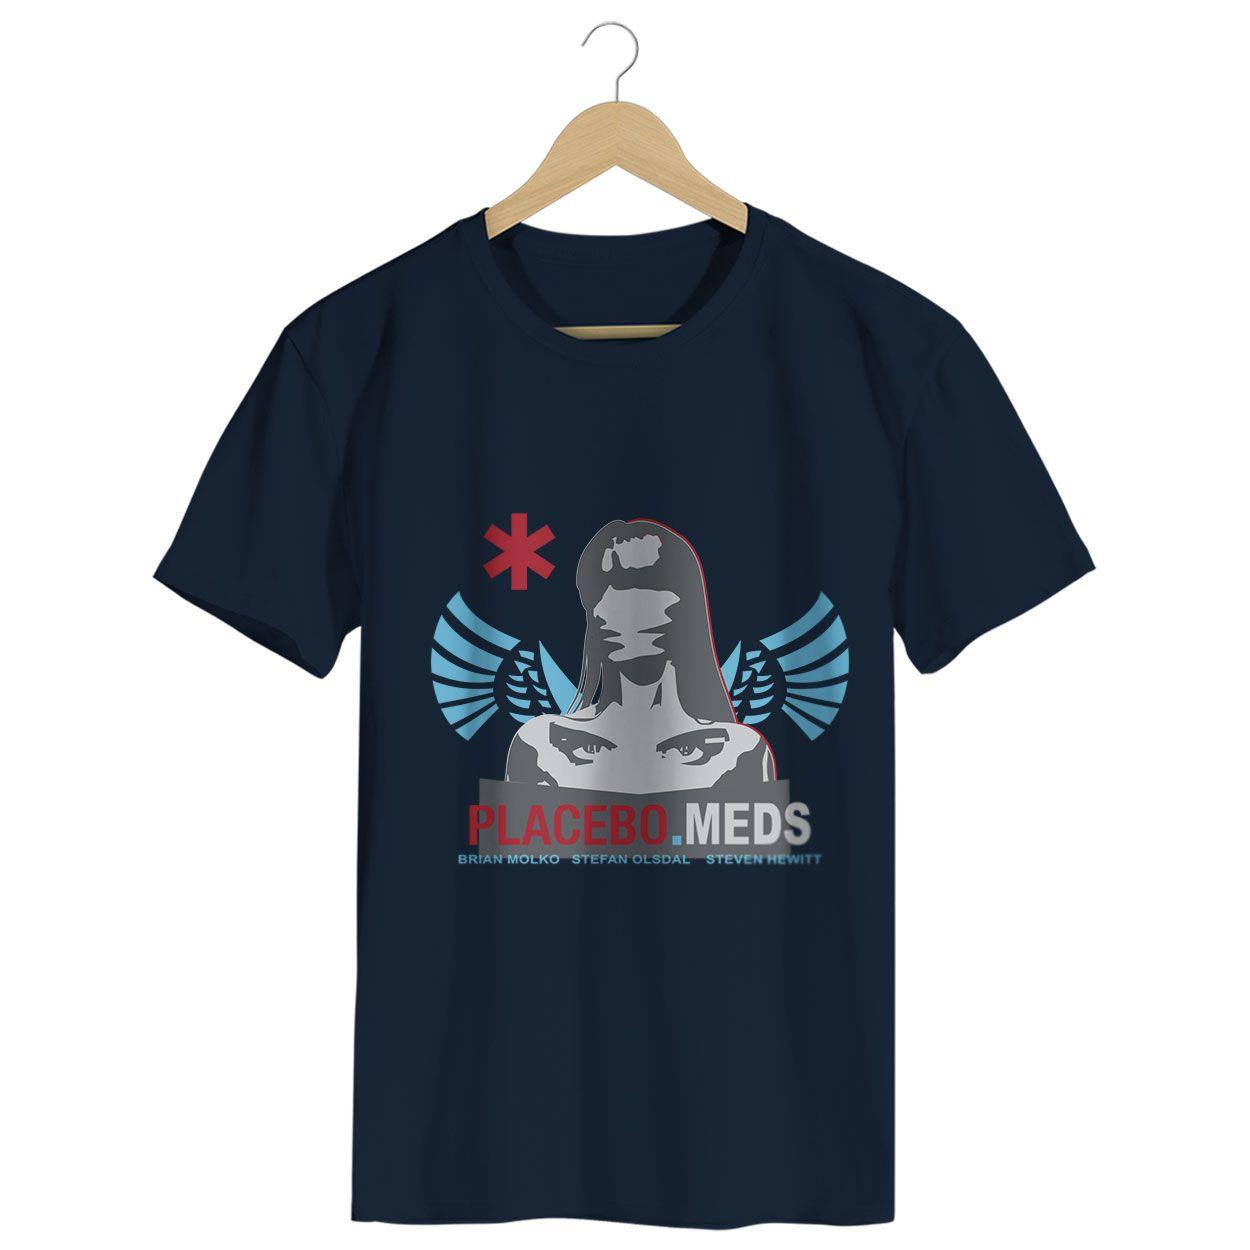 Camiseta - Meds - Placebo - Masculino